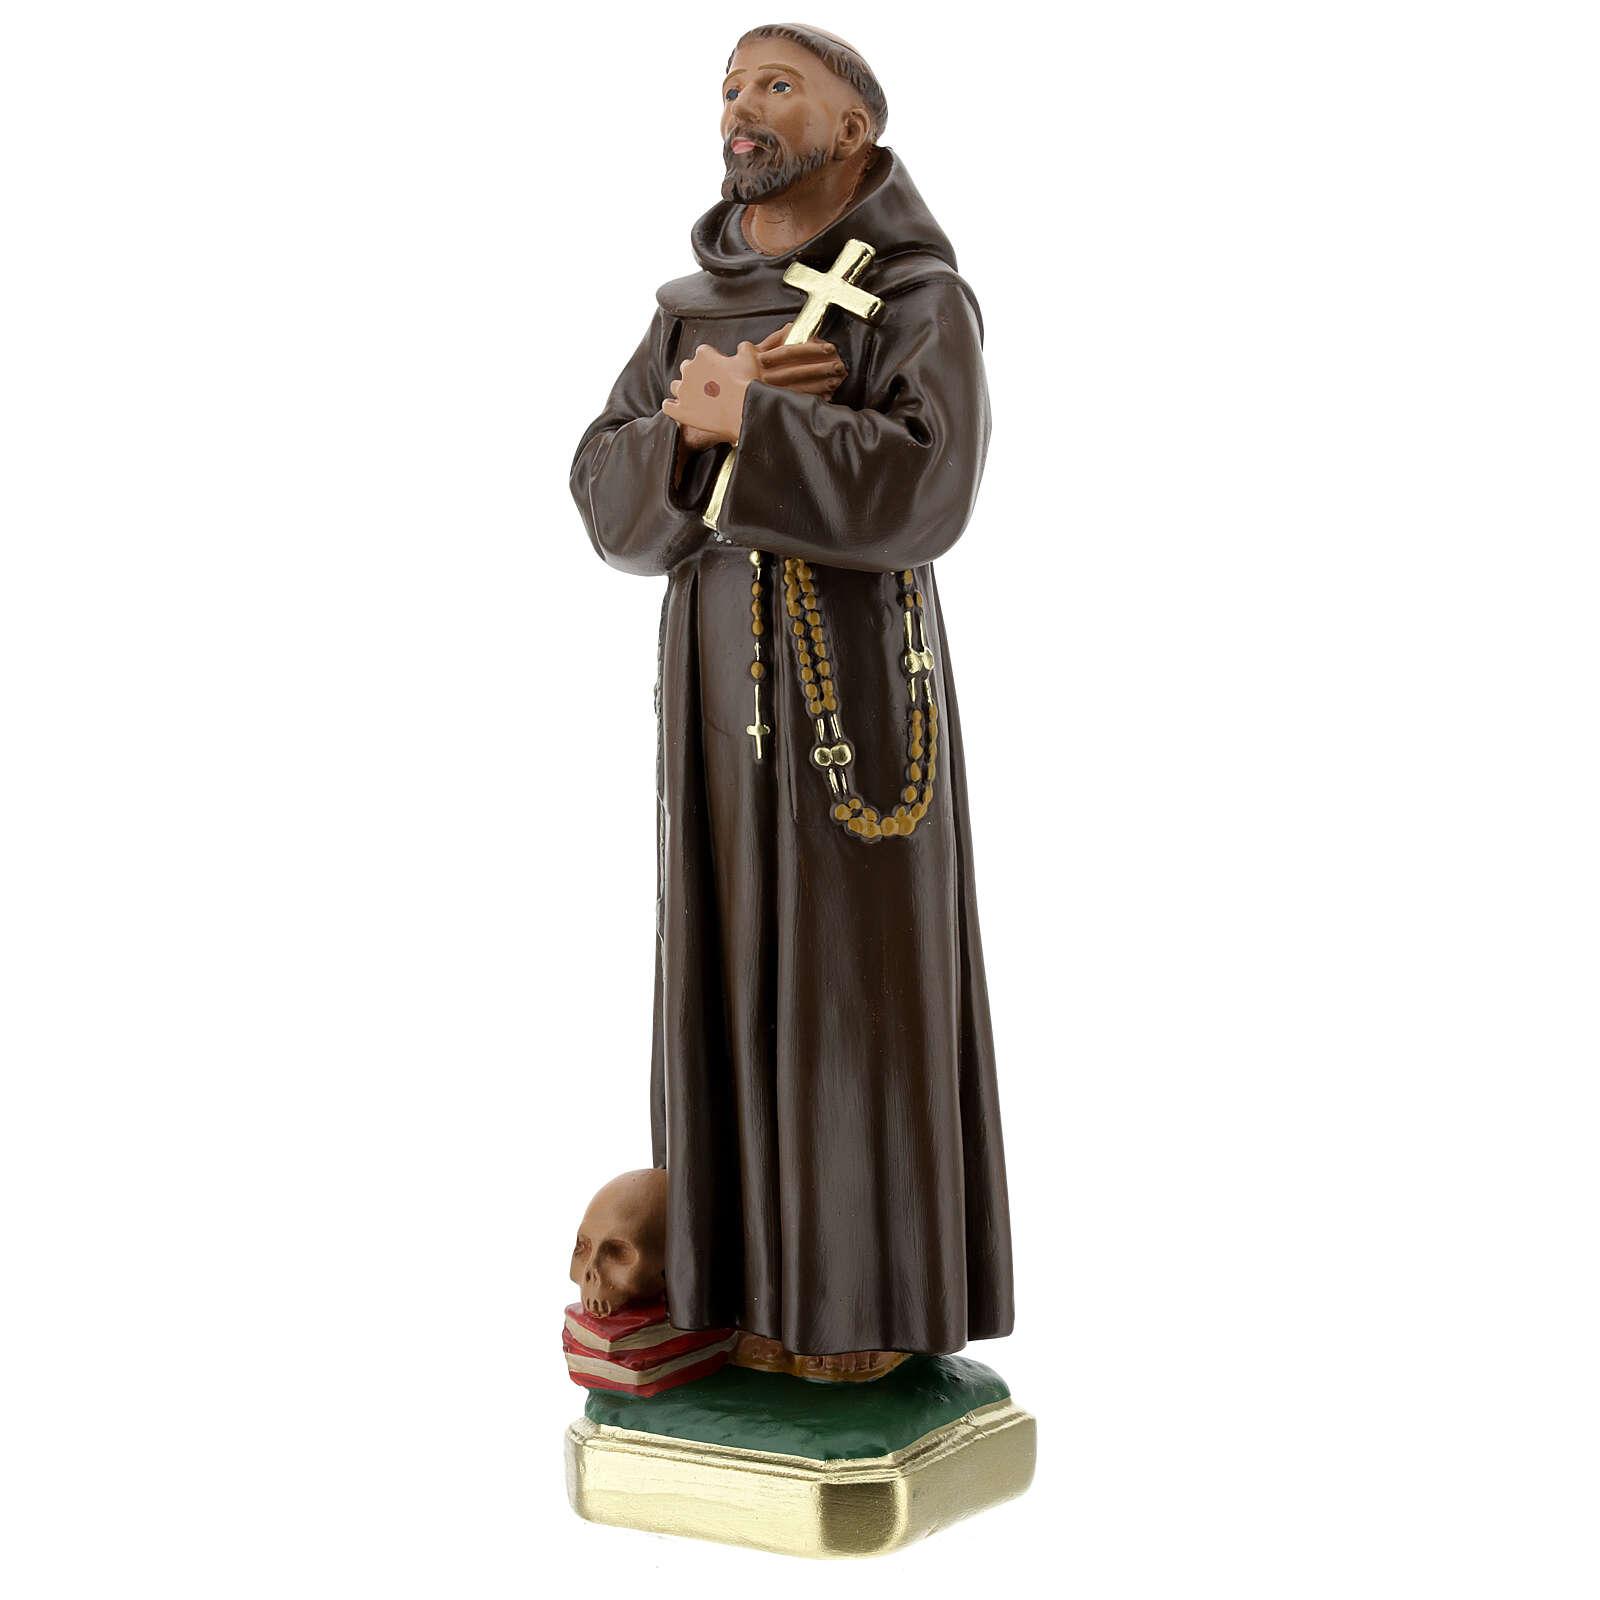 Estatua San Francisco de Asís yeso 30 cm pintada a mano Barsanti  4